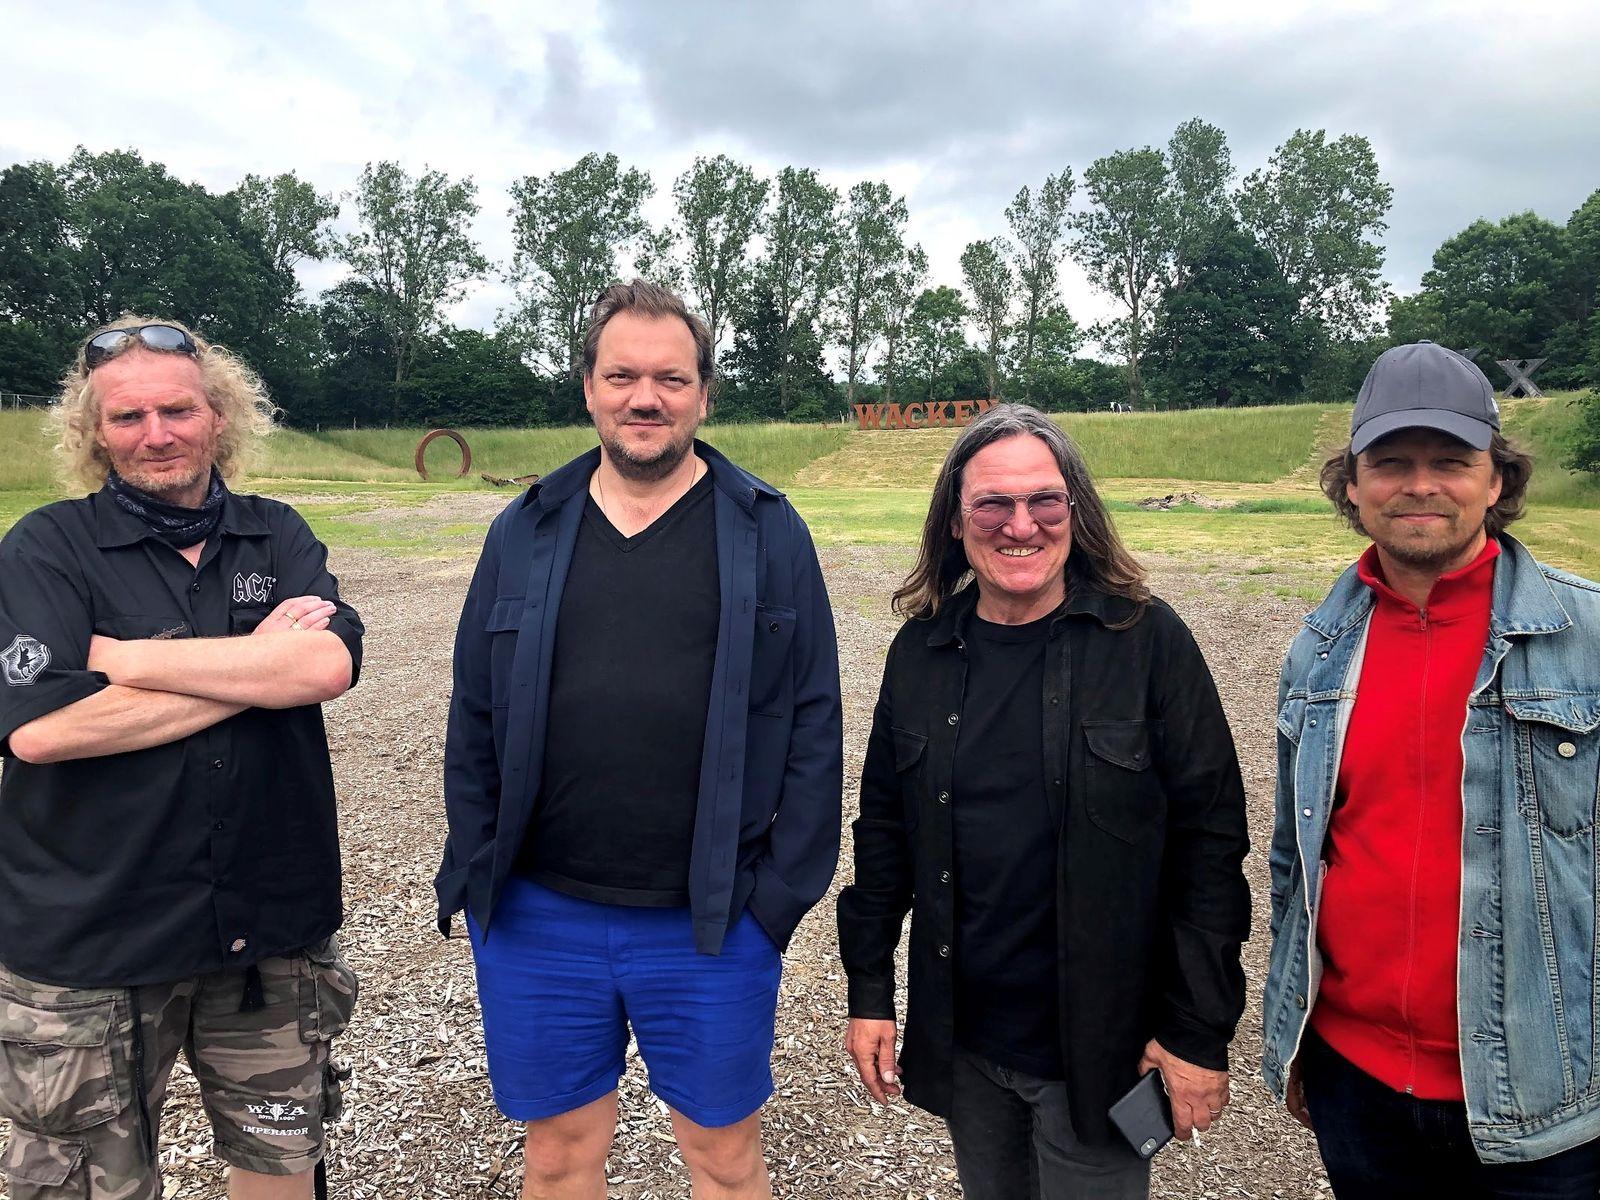 V. l. n. r.: Holger Hübner (Wacken-Gründer), Charly Hübner (Showrunner und Darsteller), Thomas Jensen (Wacken-Gründer), Lars Jessen (Produzent)